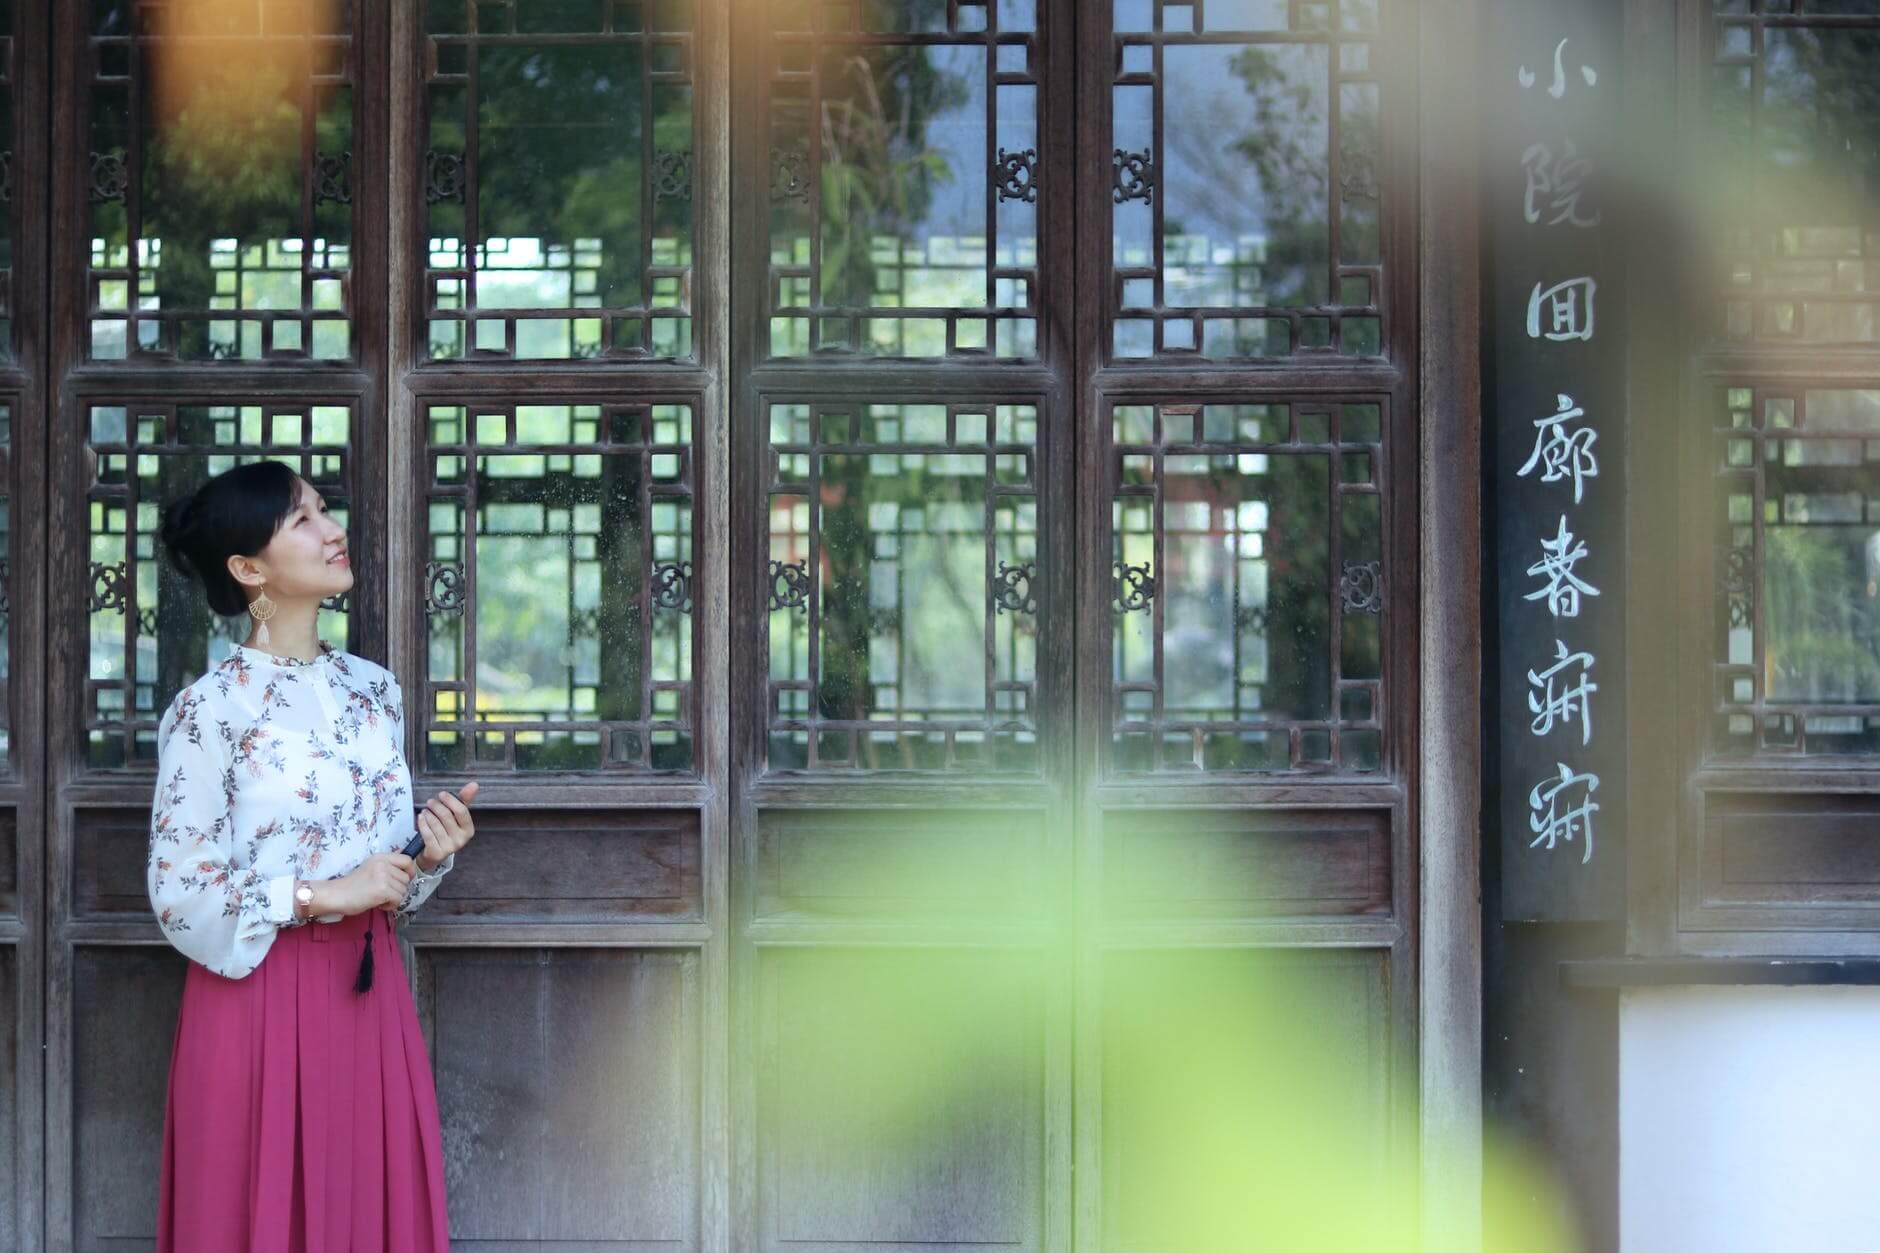 Dĩ hoà vi quý, hòa với bản thân; thành ngữ tiếng Trung; học tiếng Trung; học chữ Hán